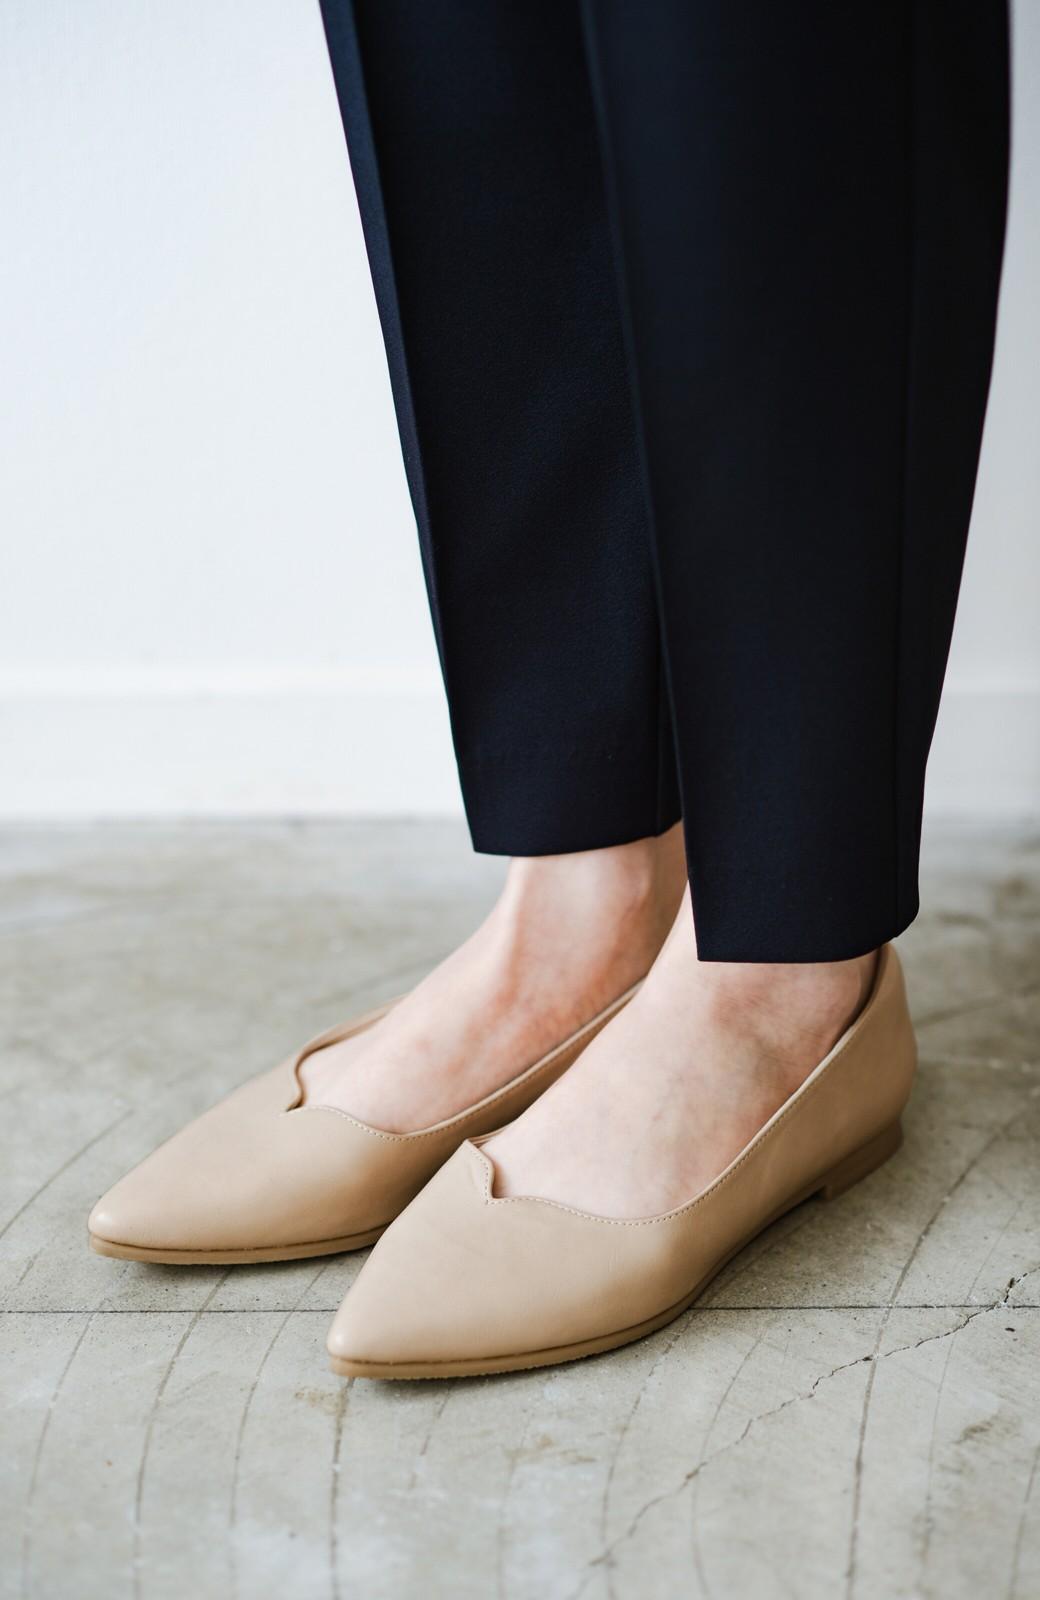 haco! 【防水】普段もお仕事も雨の日も!さっと履いて女っぽい Vカットが足をきれいに見せてくれるフラットパンプス <ベージュ>の商品写真4